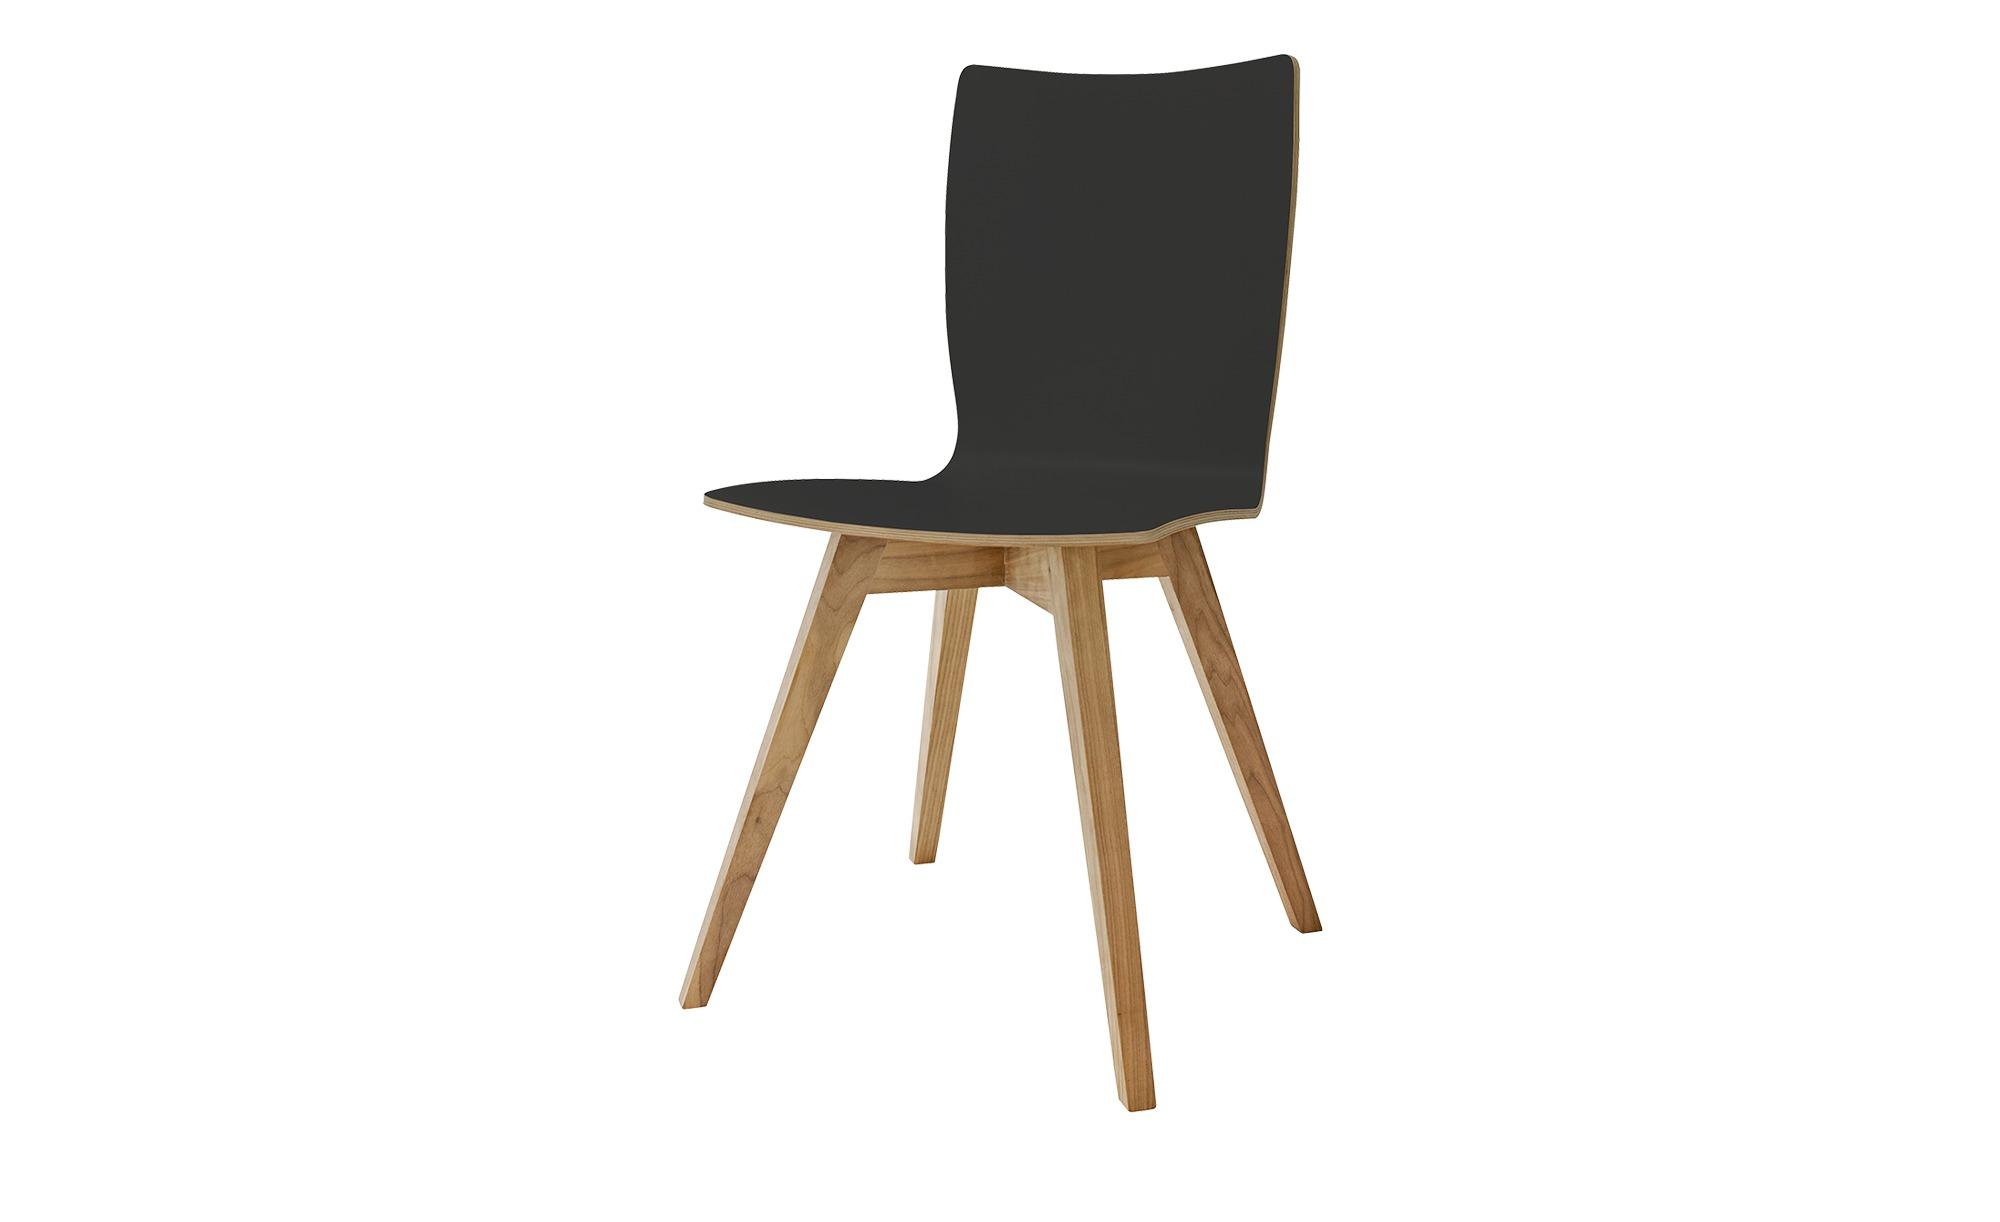 now! by hülsta Schalenstuhl  S 20-3 ¦ grau Stühle > Holzstühle - Höffner | Küche und Esszimmer | Grau | Holz | Möbel Höffner DE